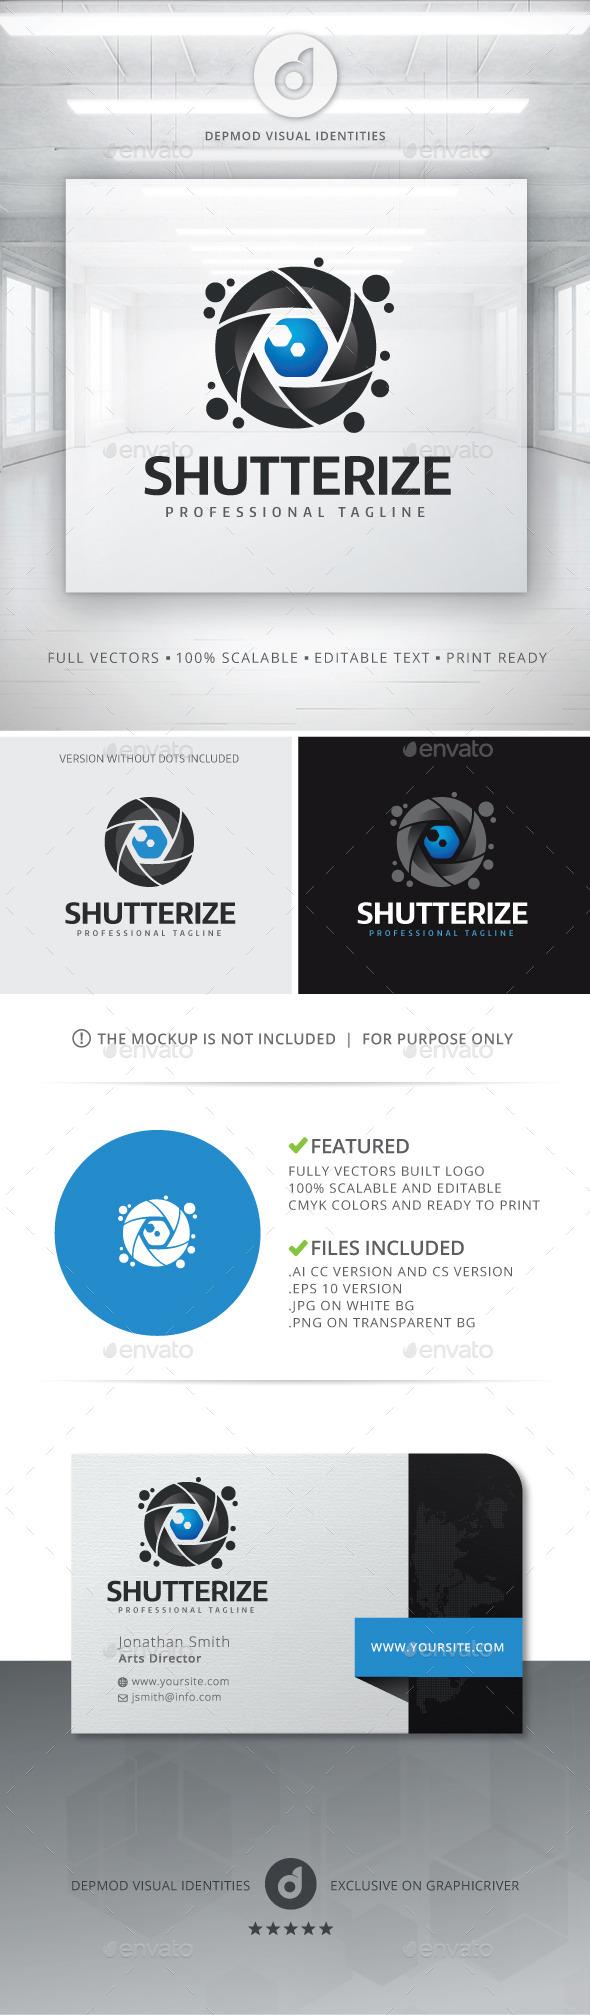 GraphicRiver Shutterize Logo 11202695